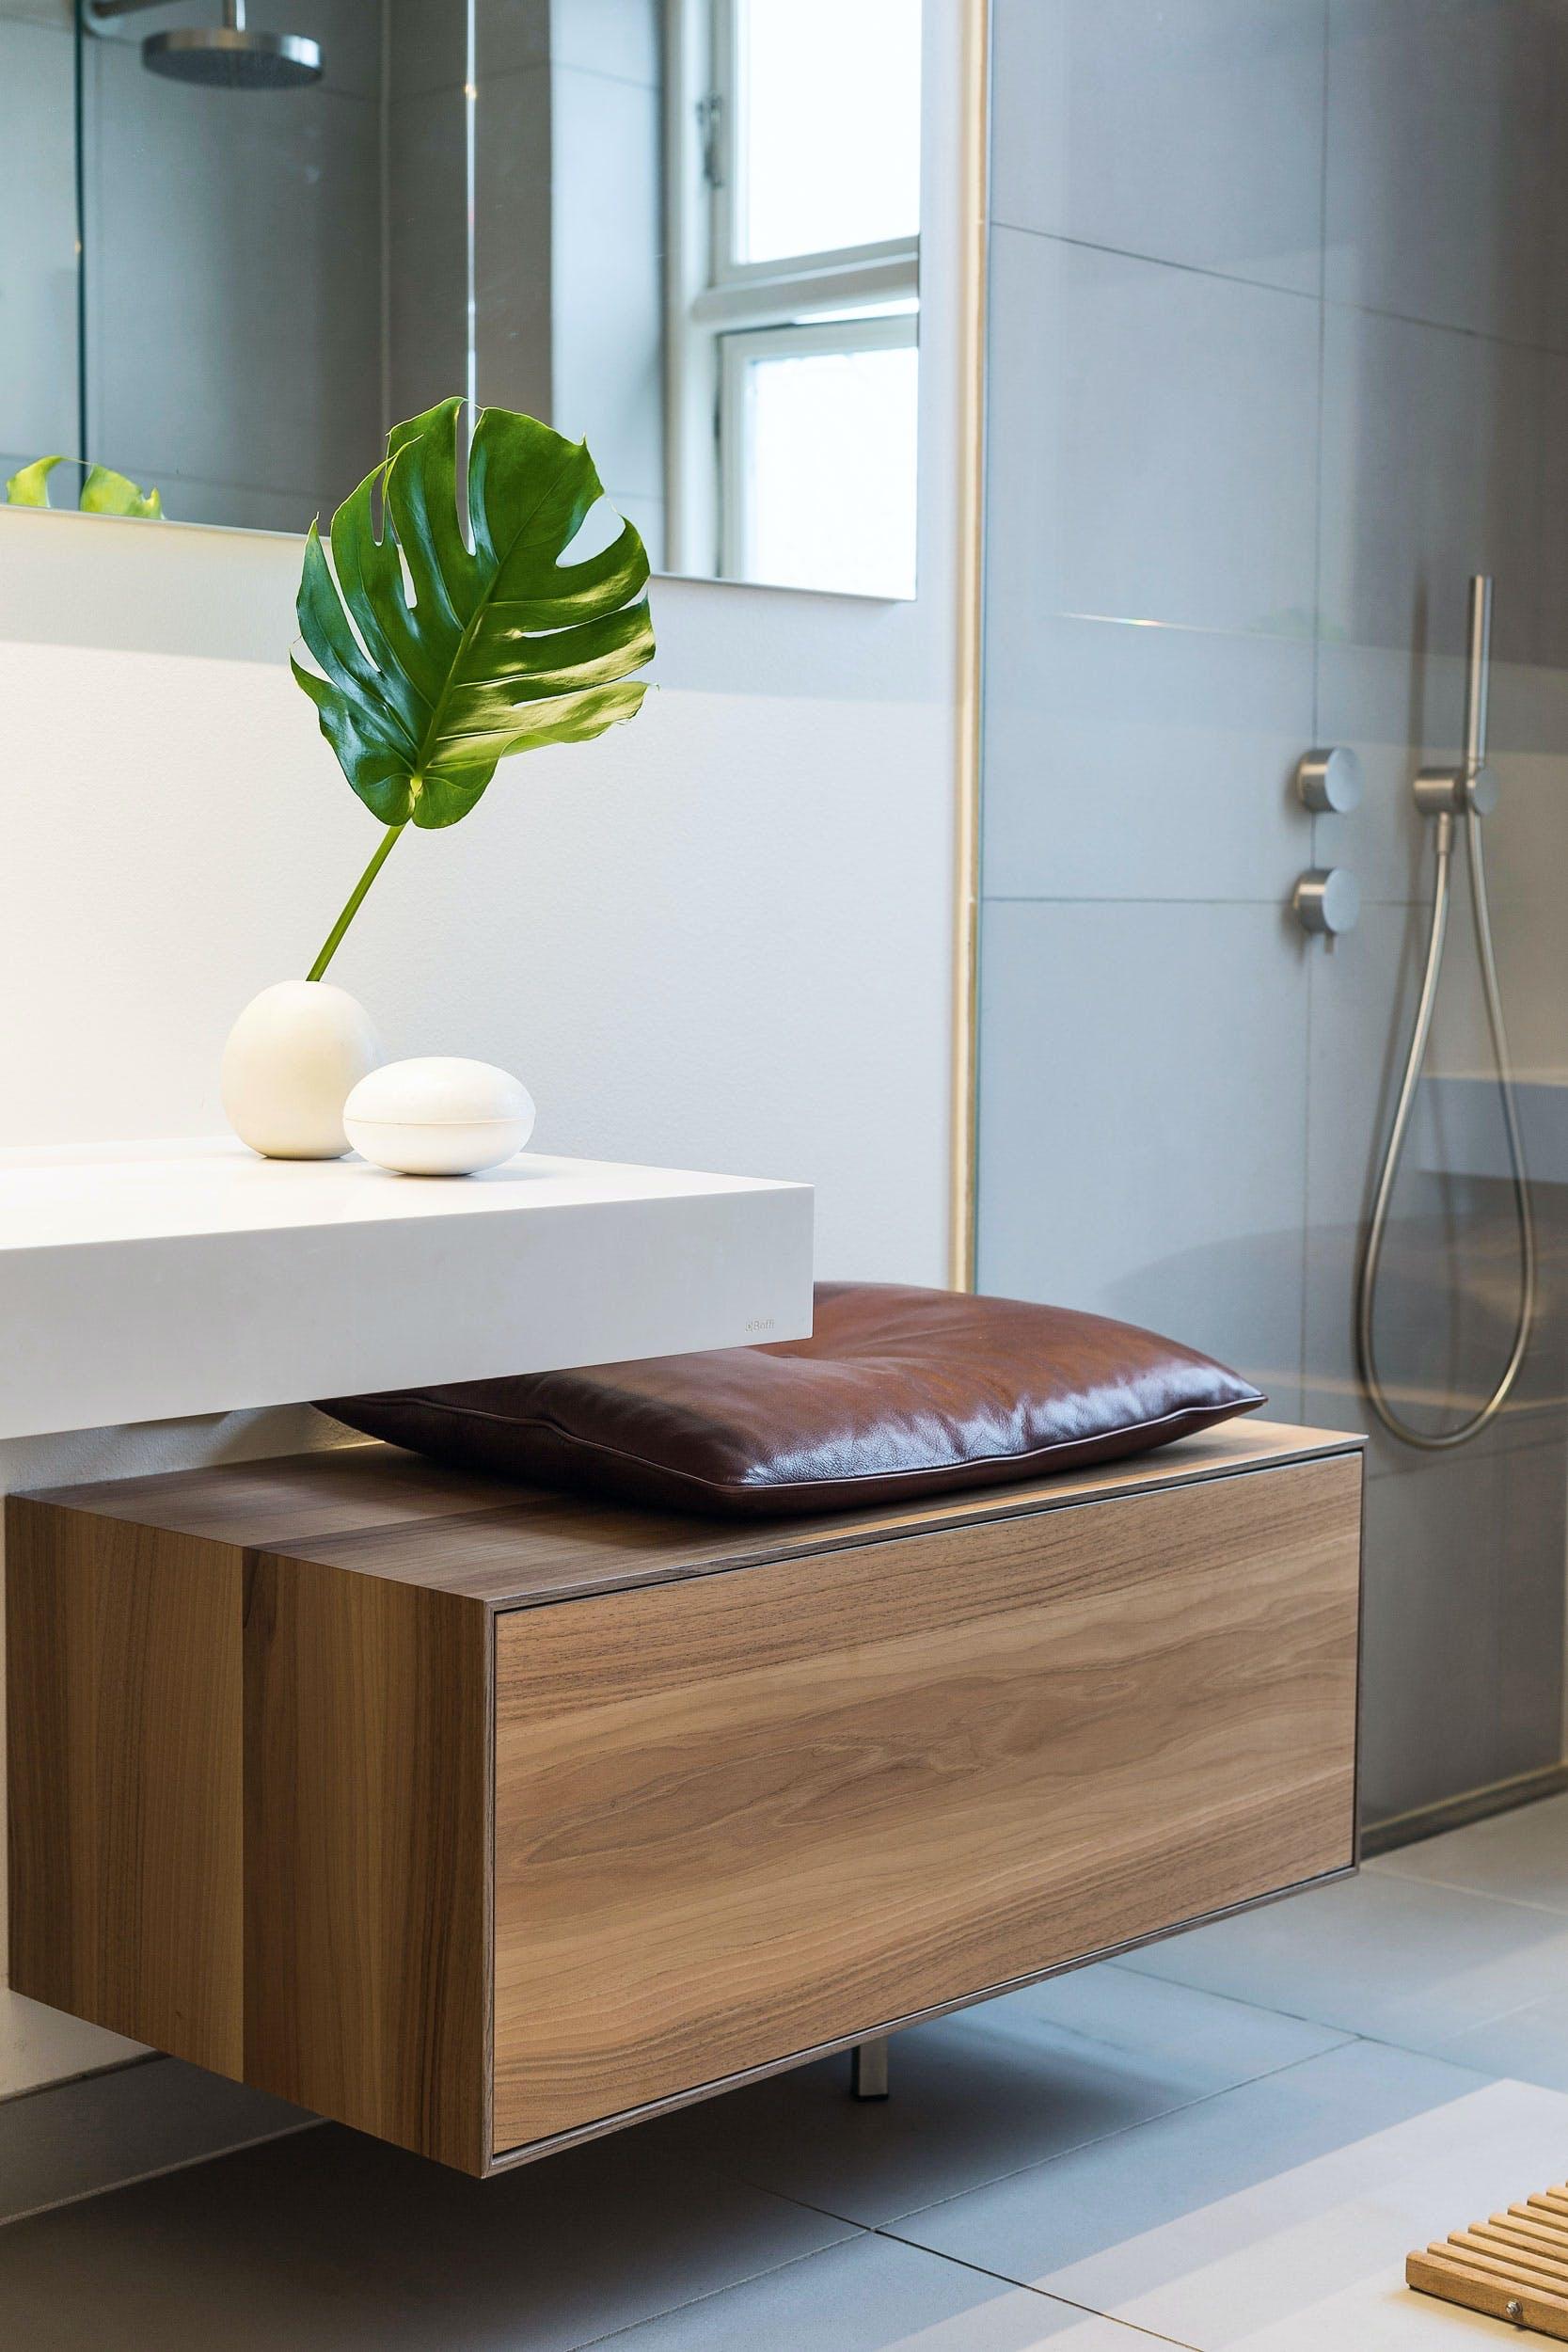 badeværelse bænk Badeværelse der samler familien   bobedre.dk badeværelse bænk